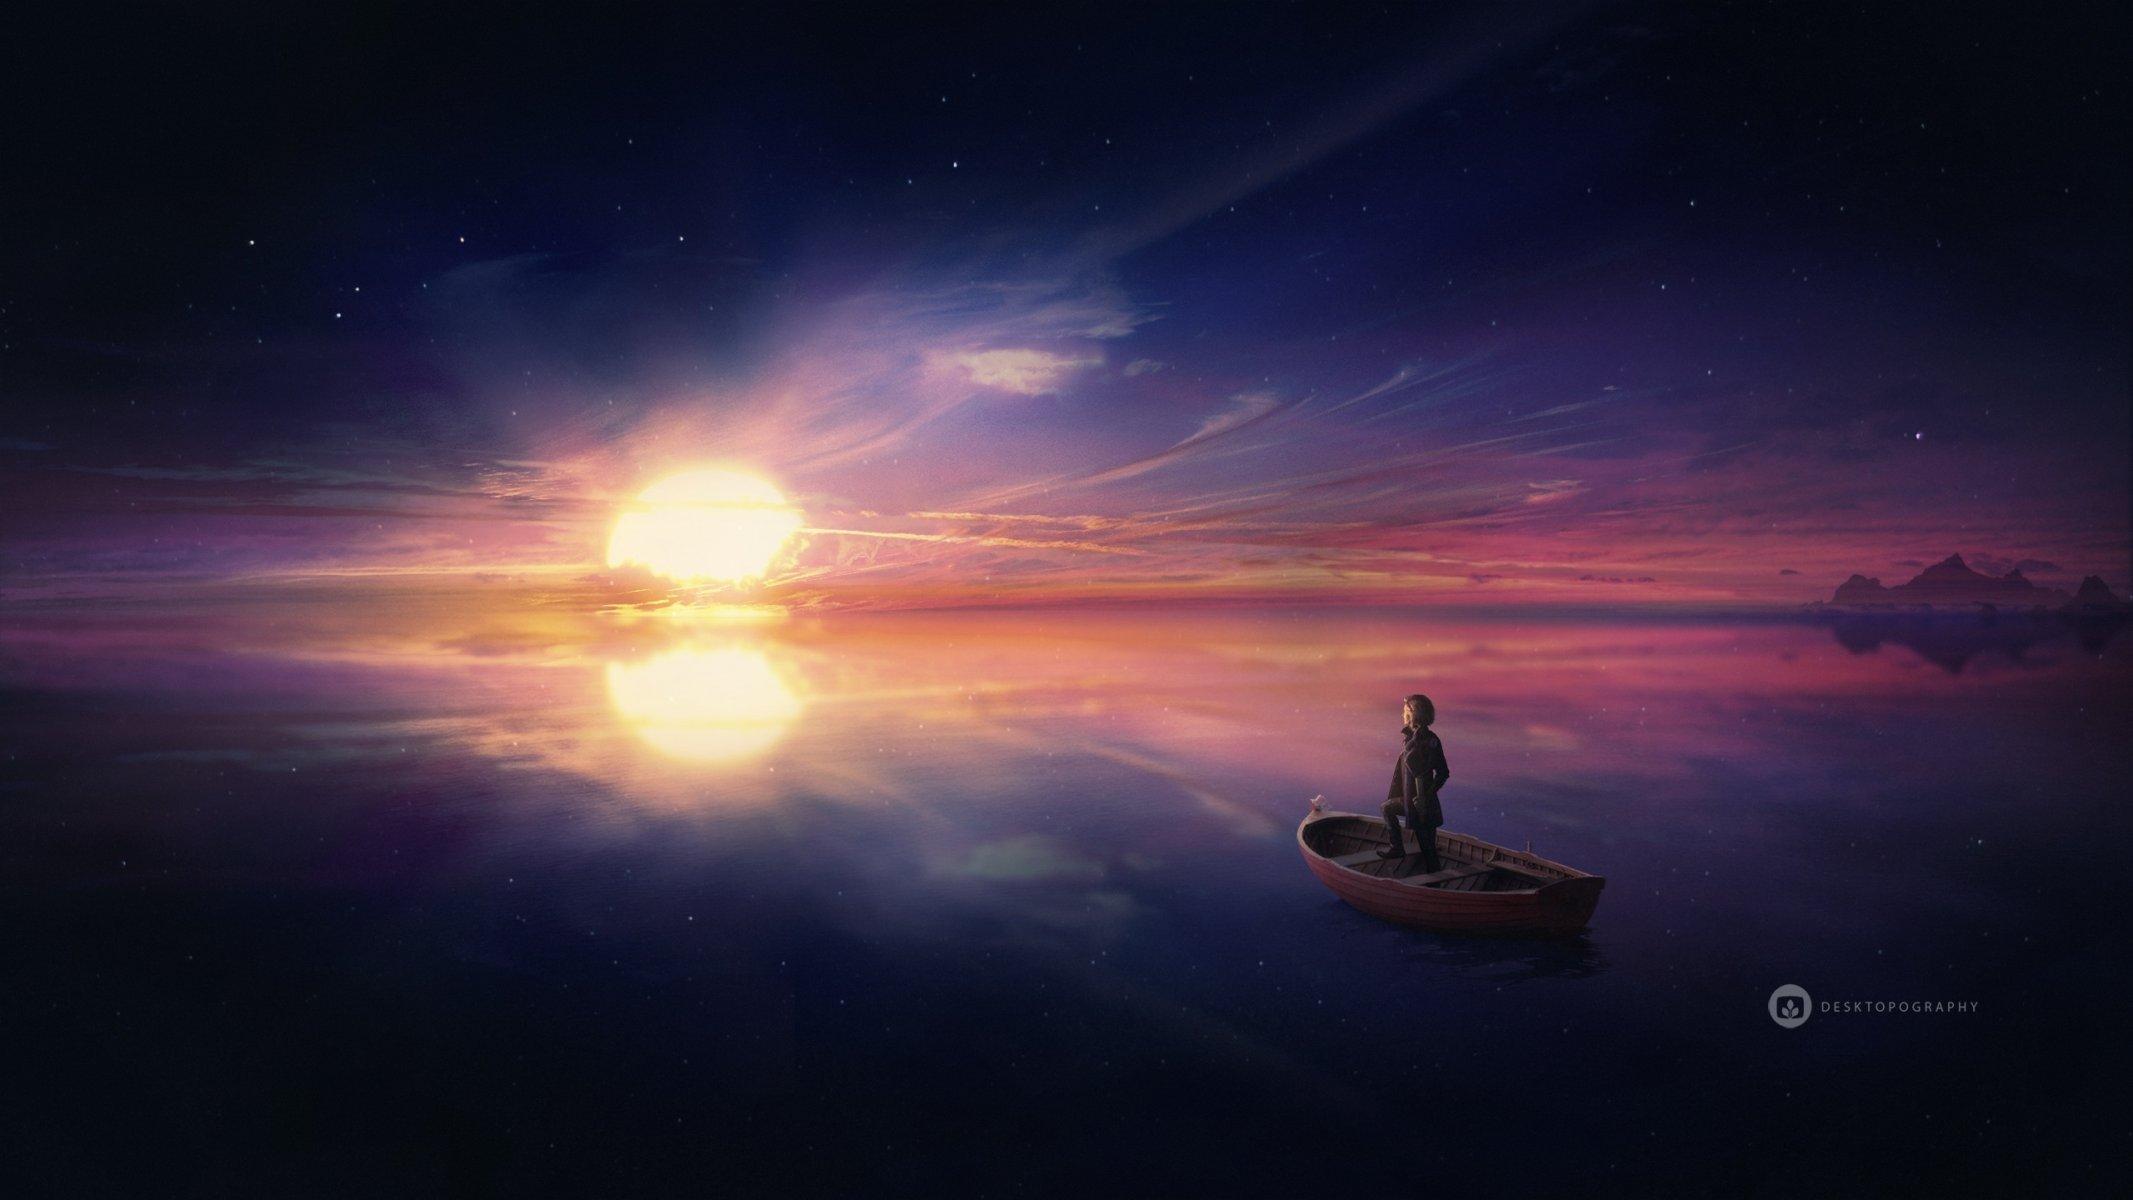 Обои рисунок, Вода, лодки, ночь, свет. Разное foto 13